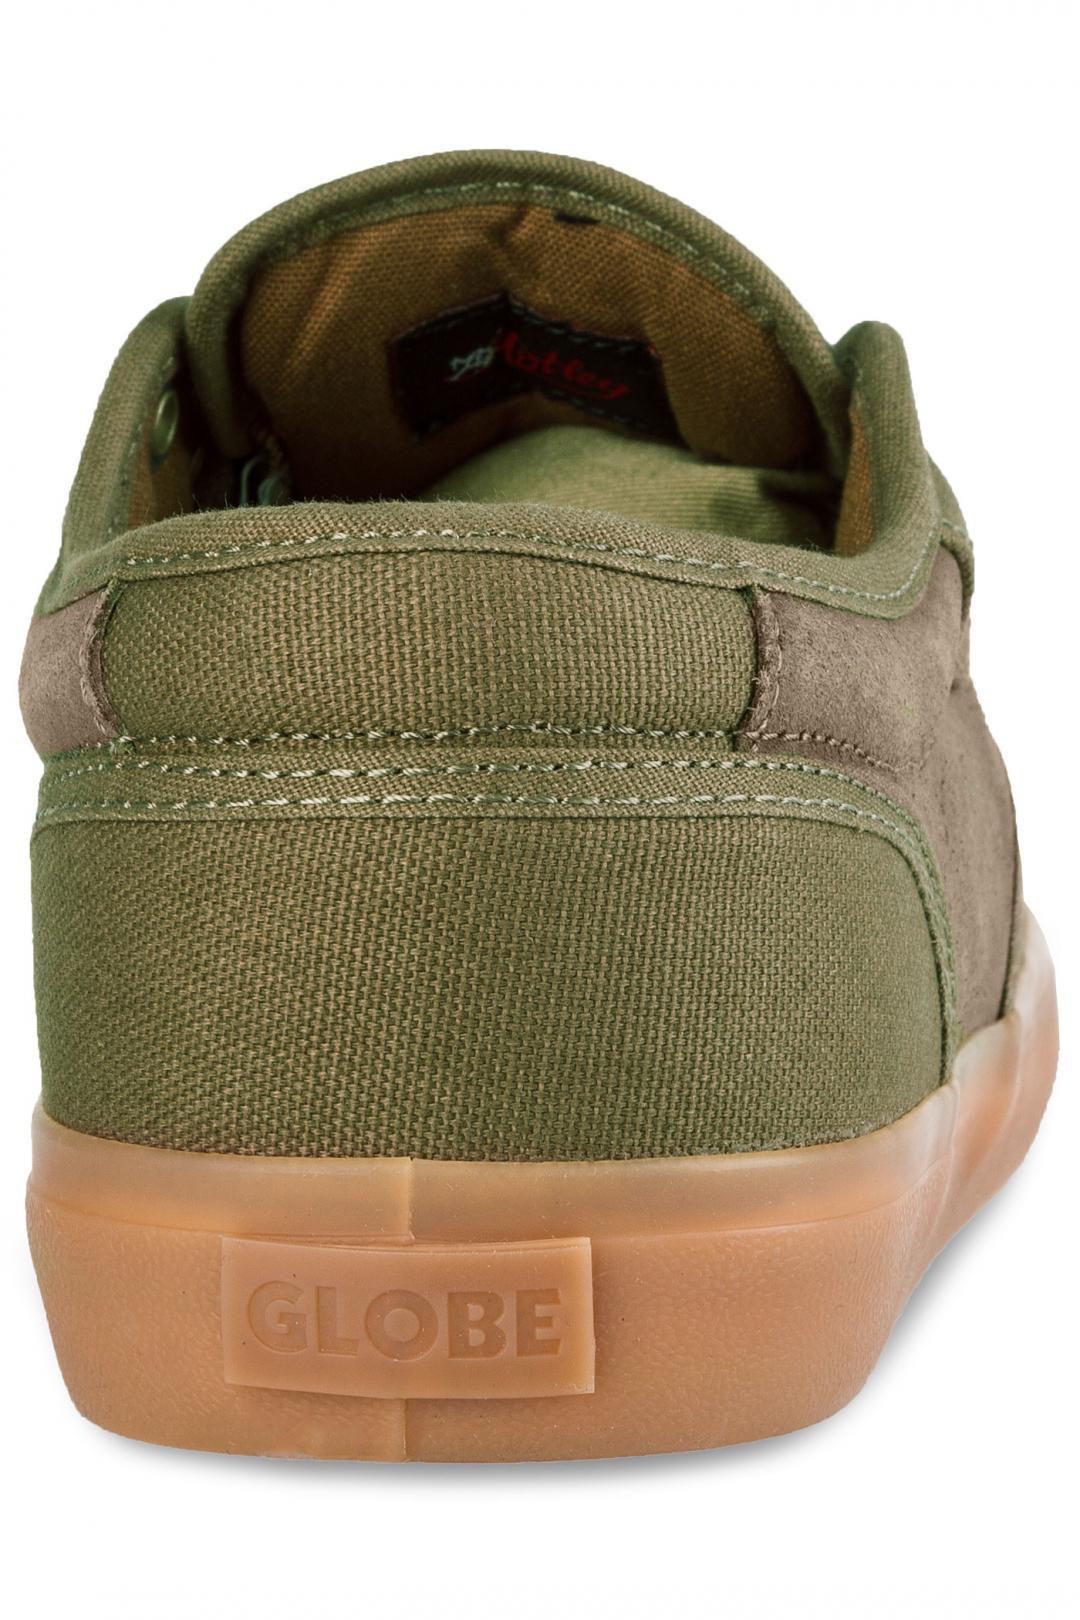 Uomo Globe Motley olive brown gum | Scarpe da skate